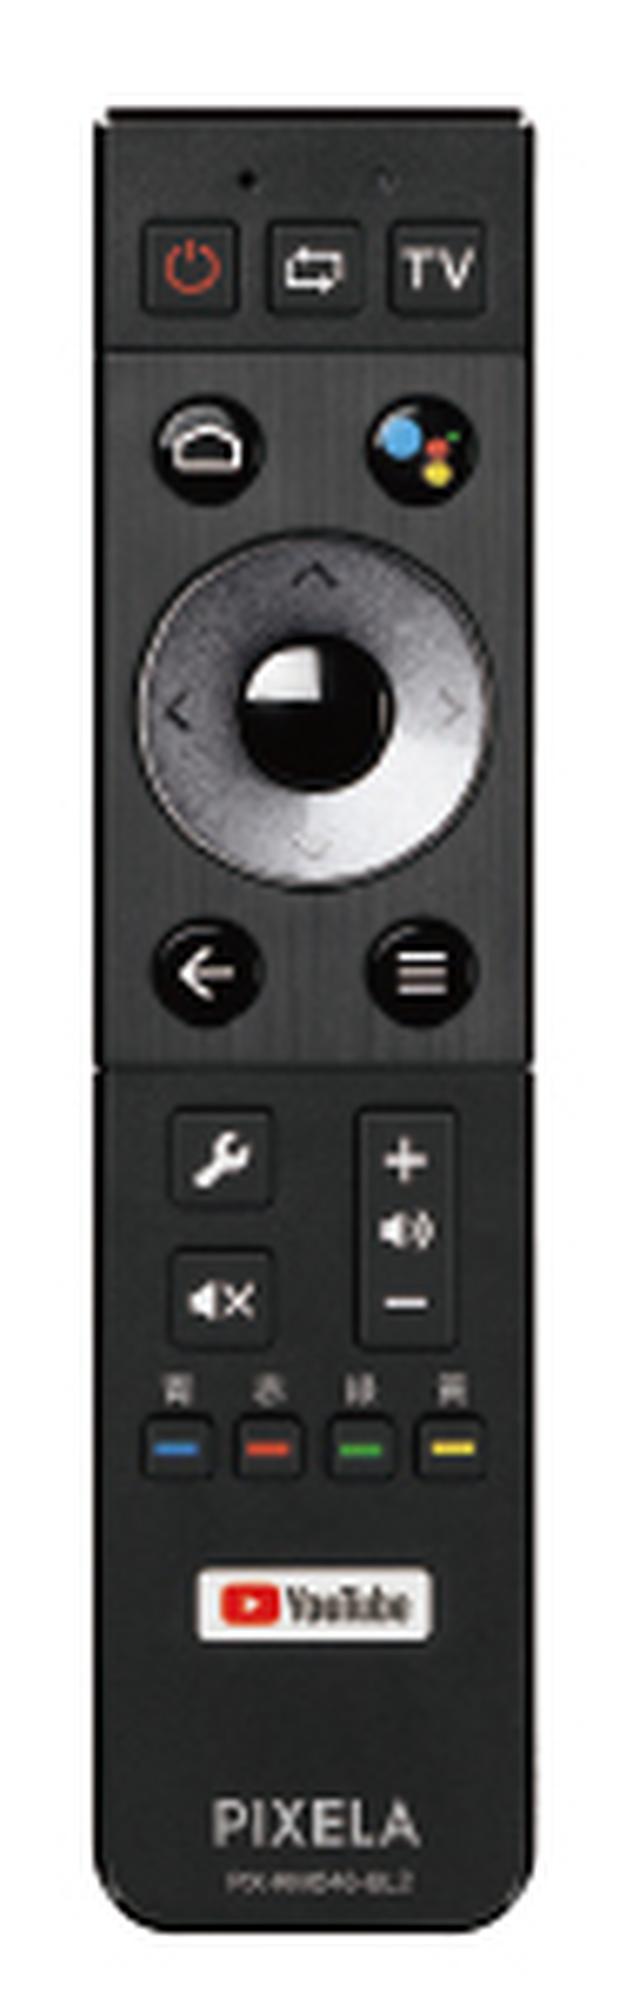 画像: 10キーを搭載せず、ボタン数を最小限に抑えたリモコン。「Googleアシスタント」による音声操作が可能だ。